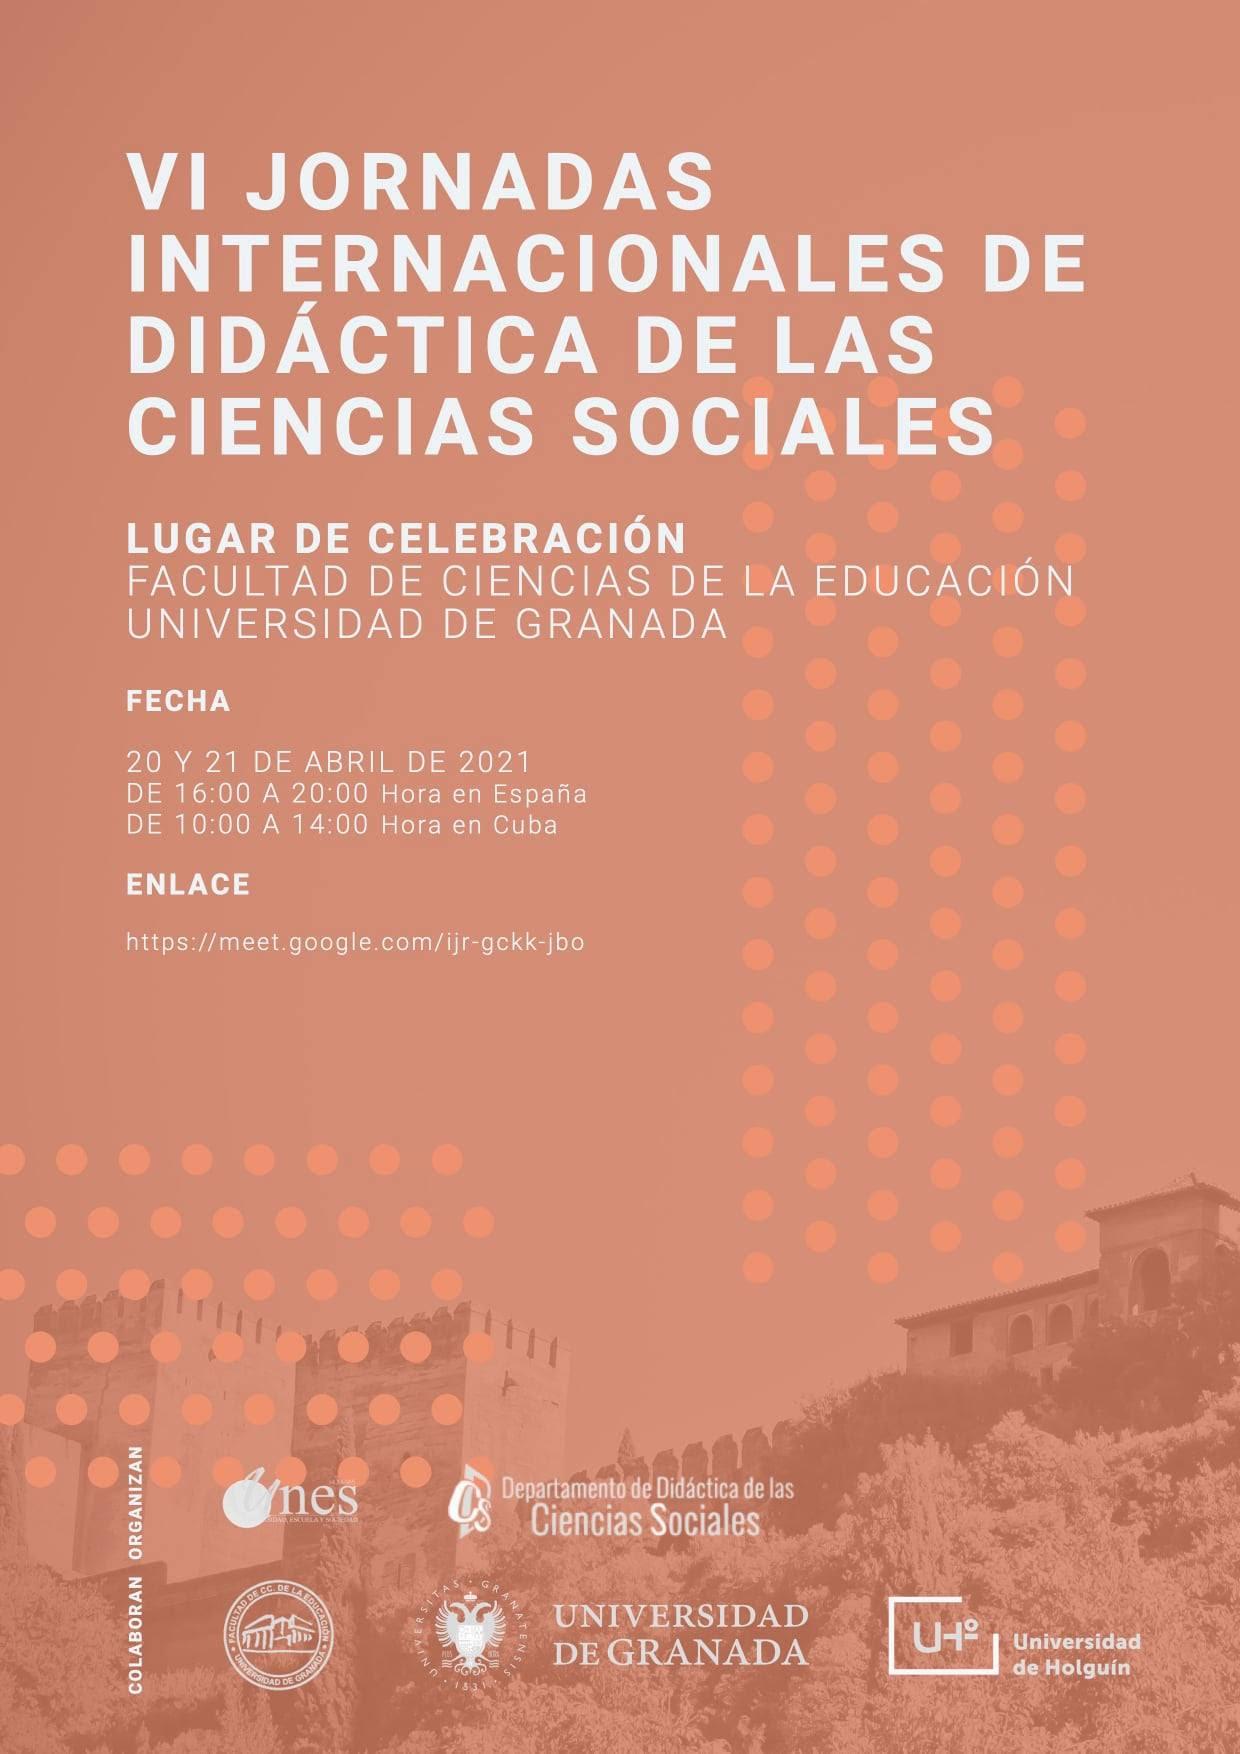 La UGR junto con la Universidad de Holguín (Cuba) organiza las VI Jornadas Internacionales de Didáctica de las Ciencias Sociales